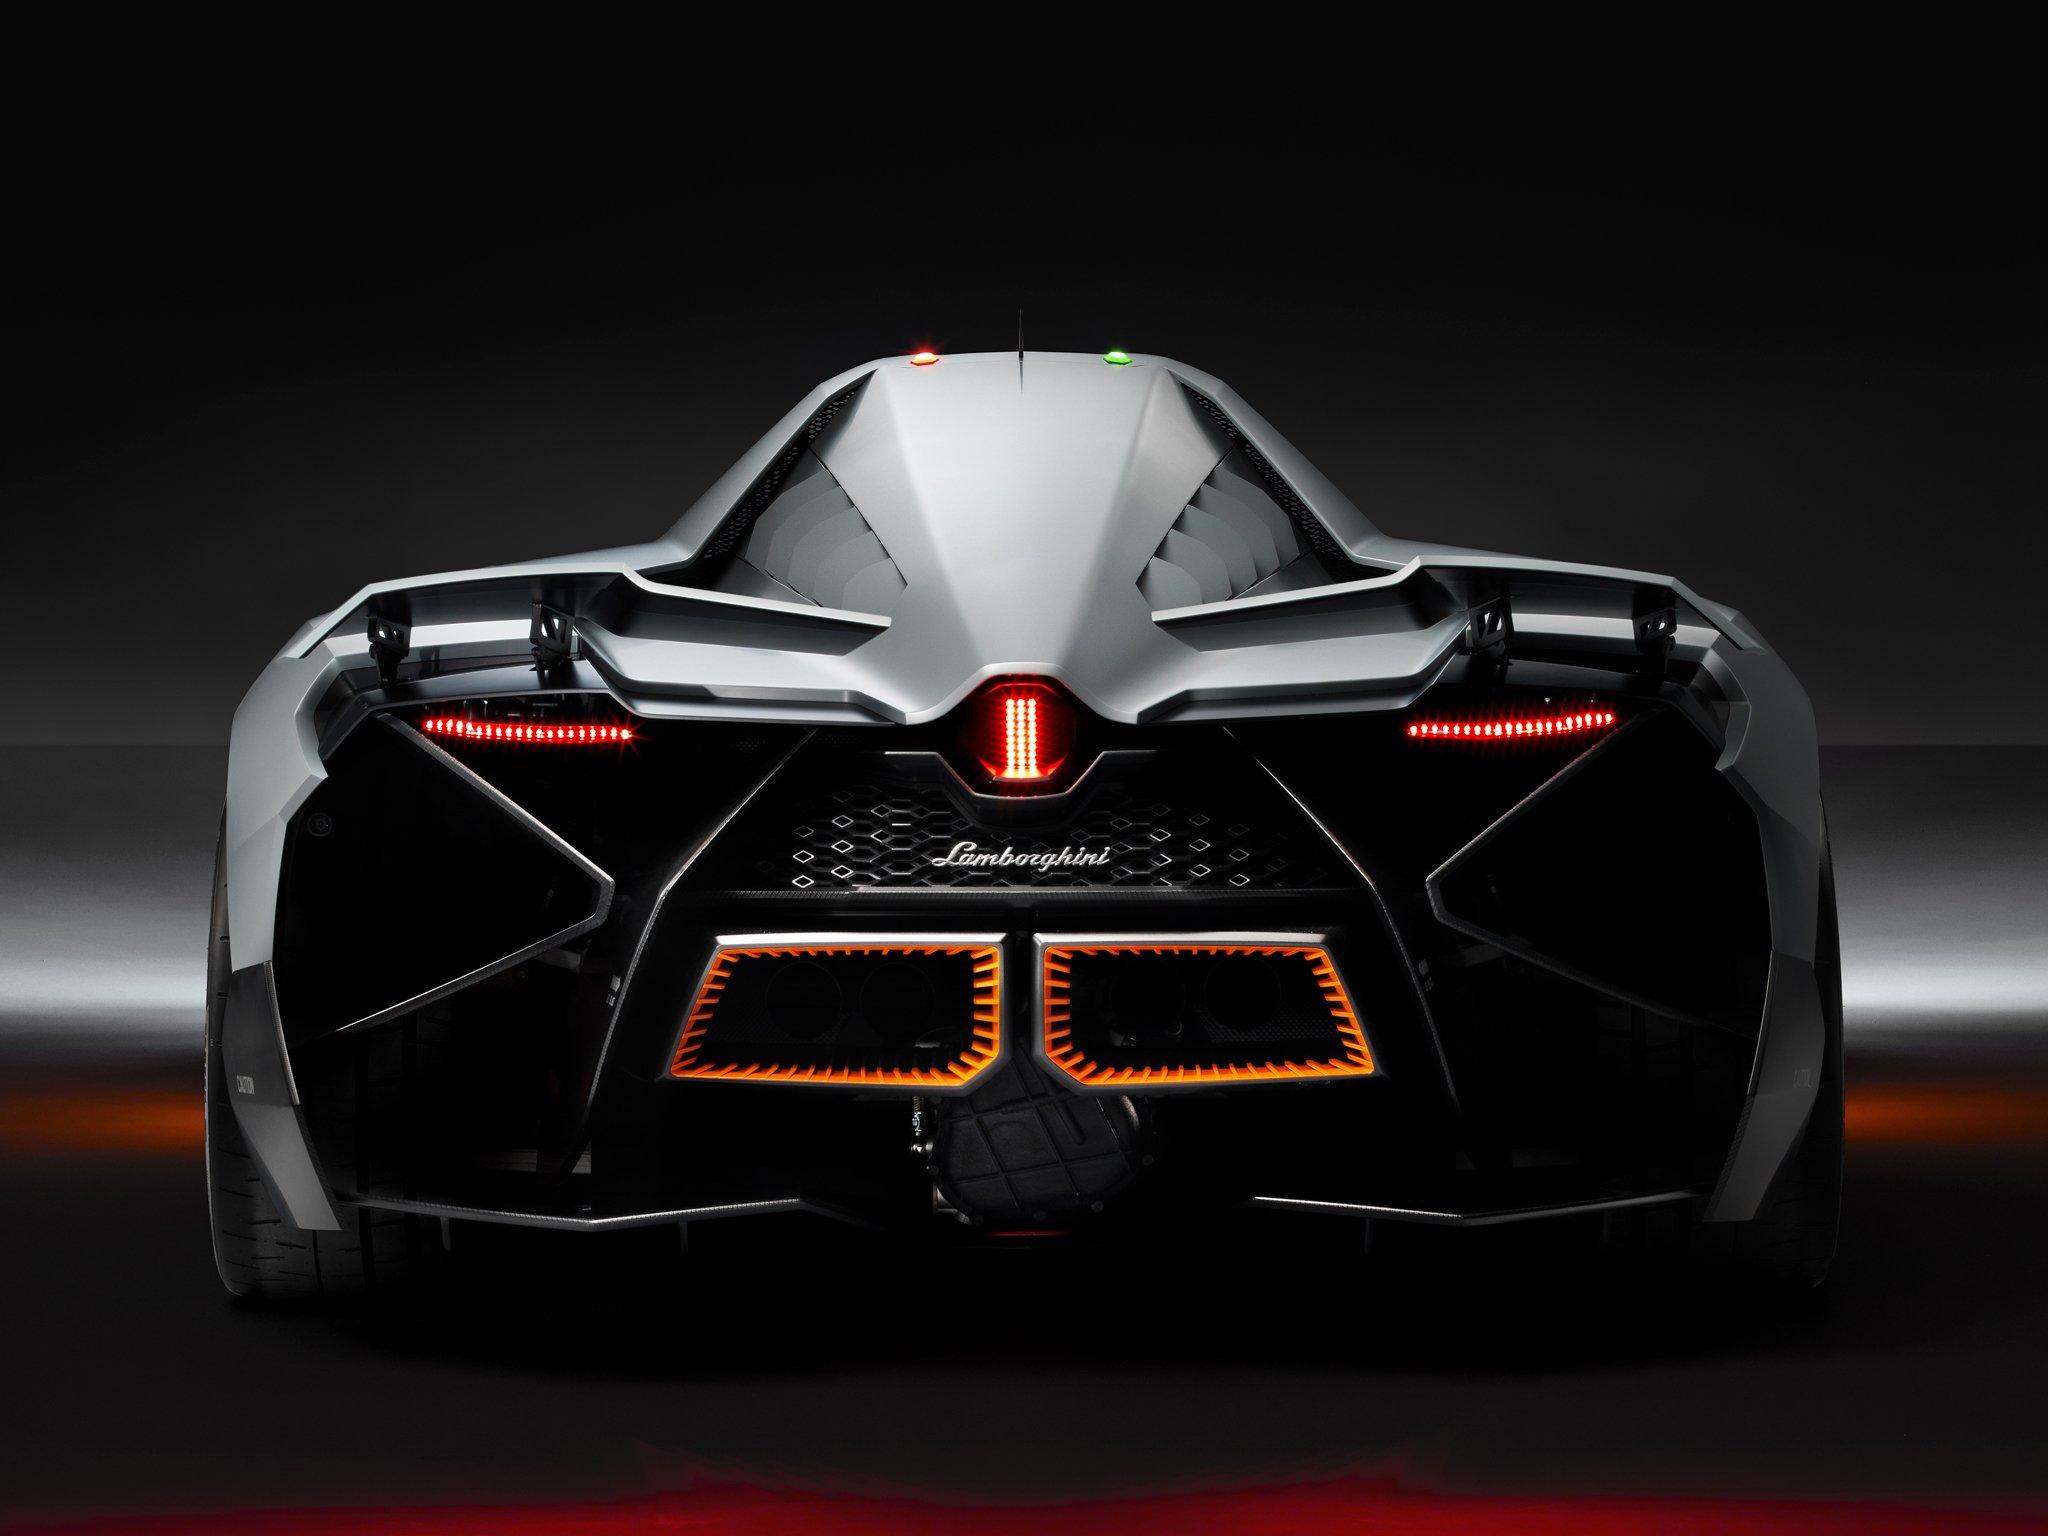 Lamborghini Concept 2013 Egoista 2013 Lamborghini Egois...